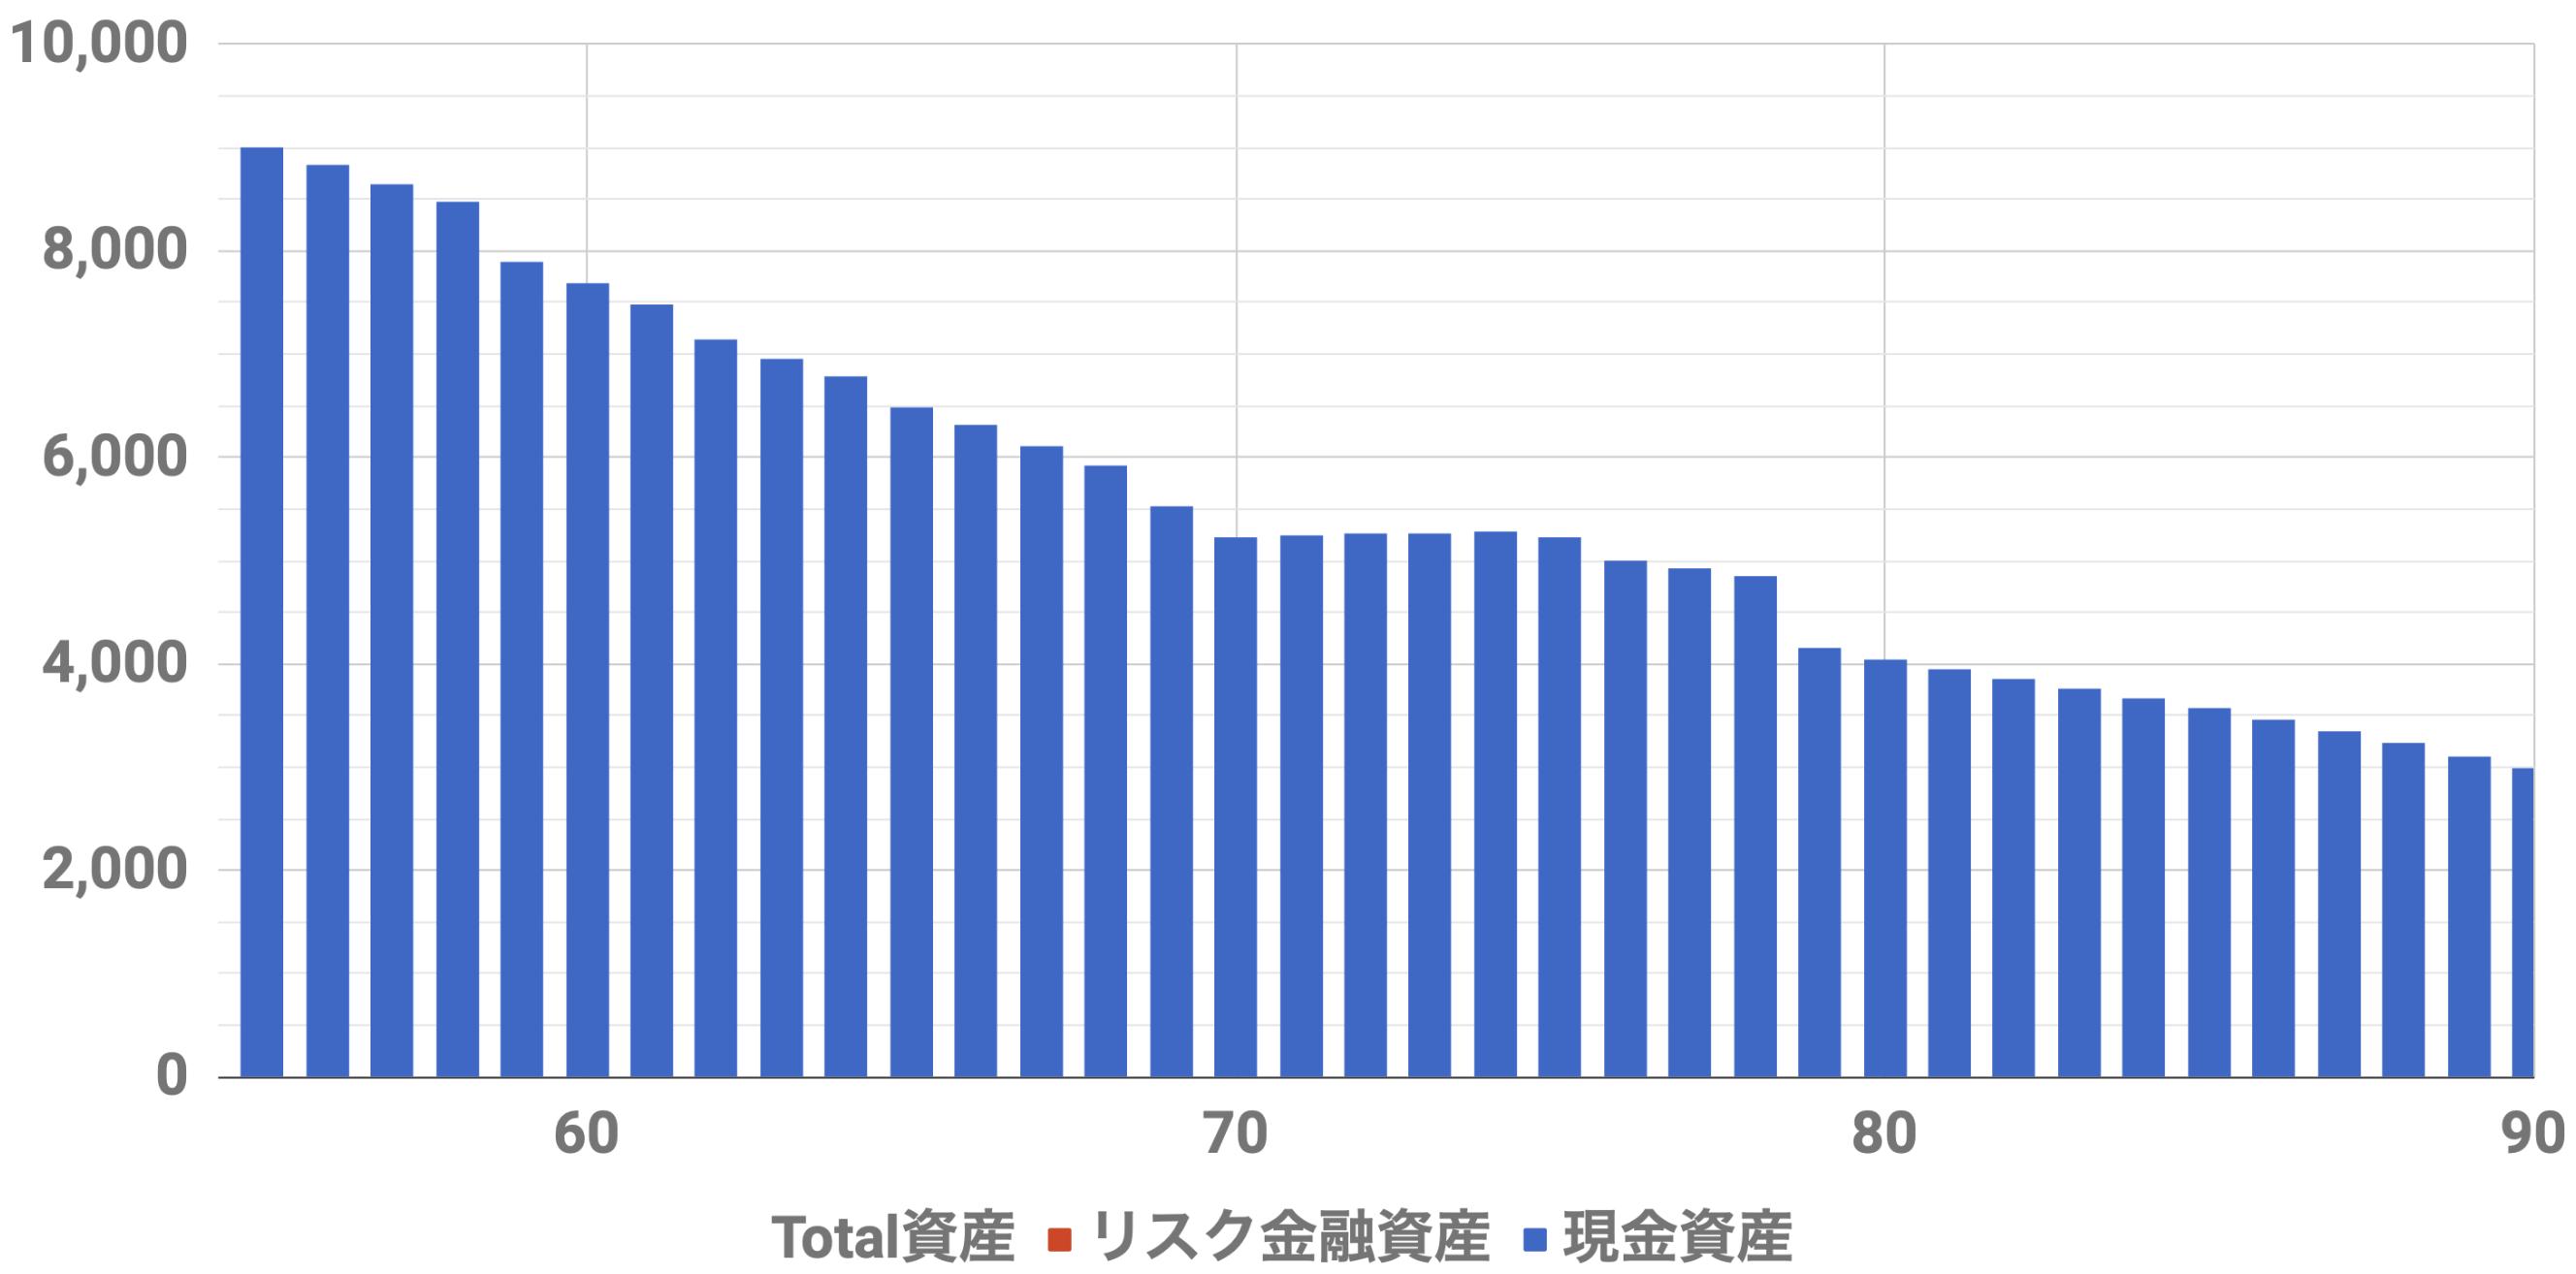 55歳9000万資産シミュレーション(Level3)インフレ率2%